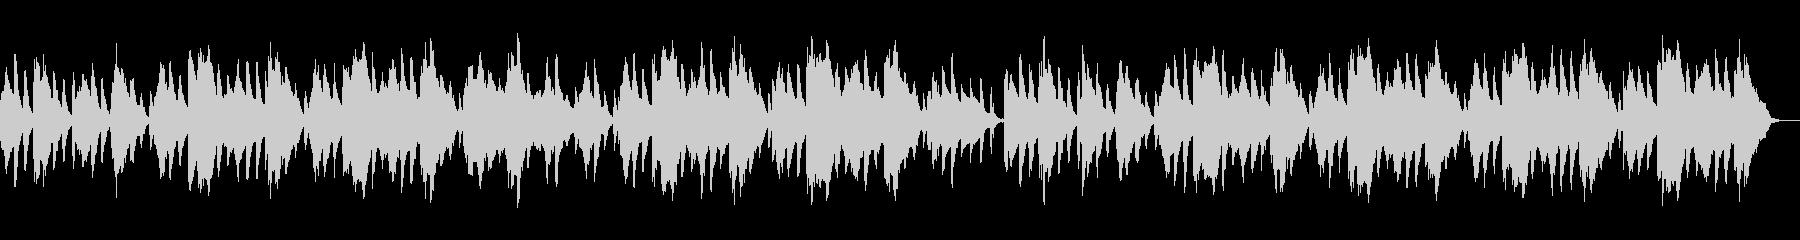 Fushigiの未再生の波形